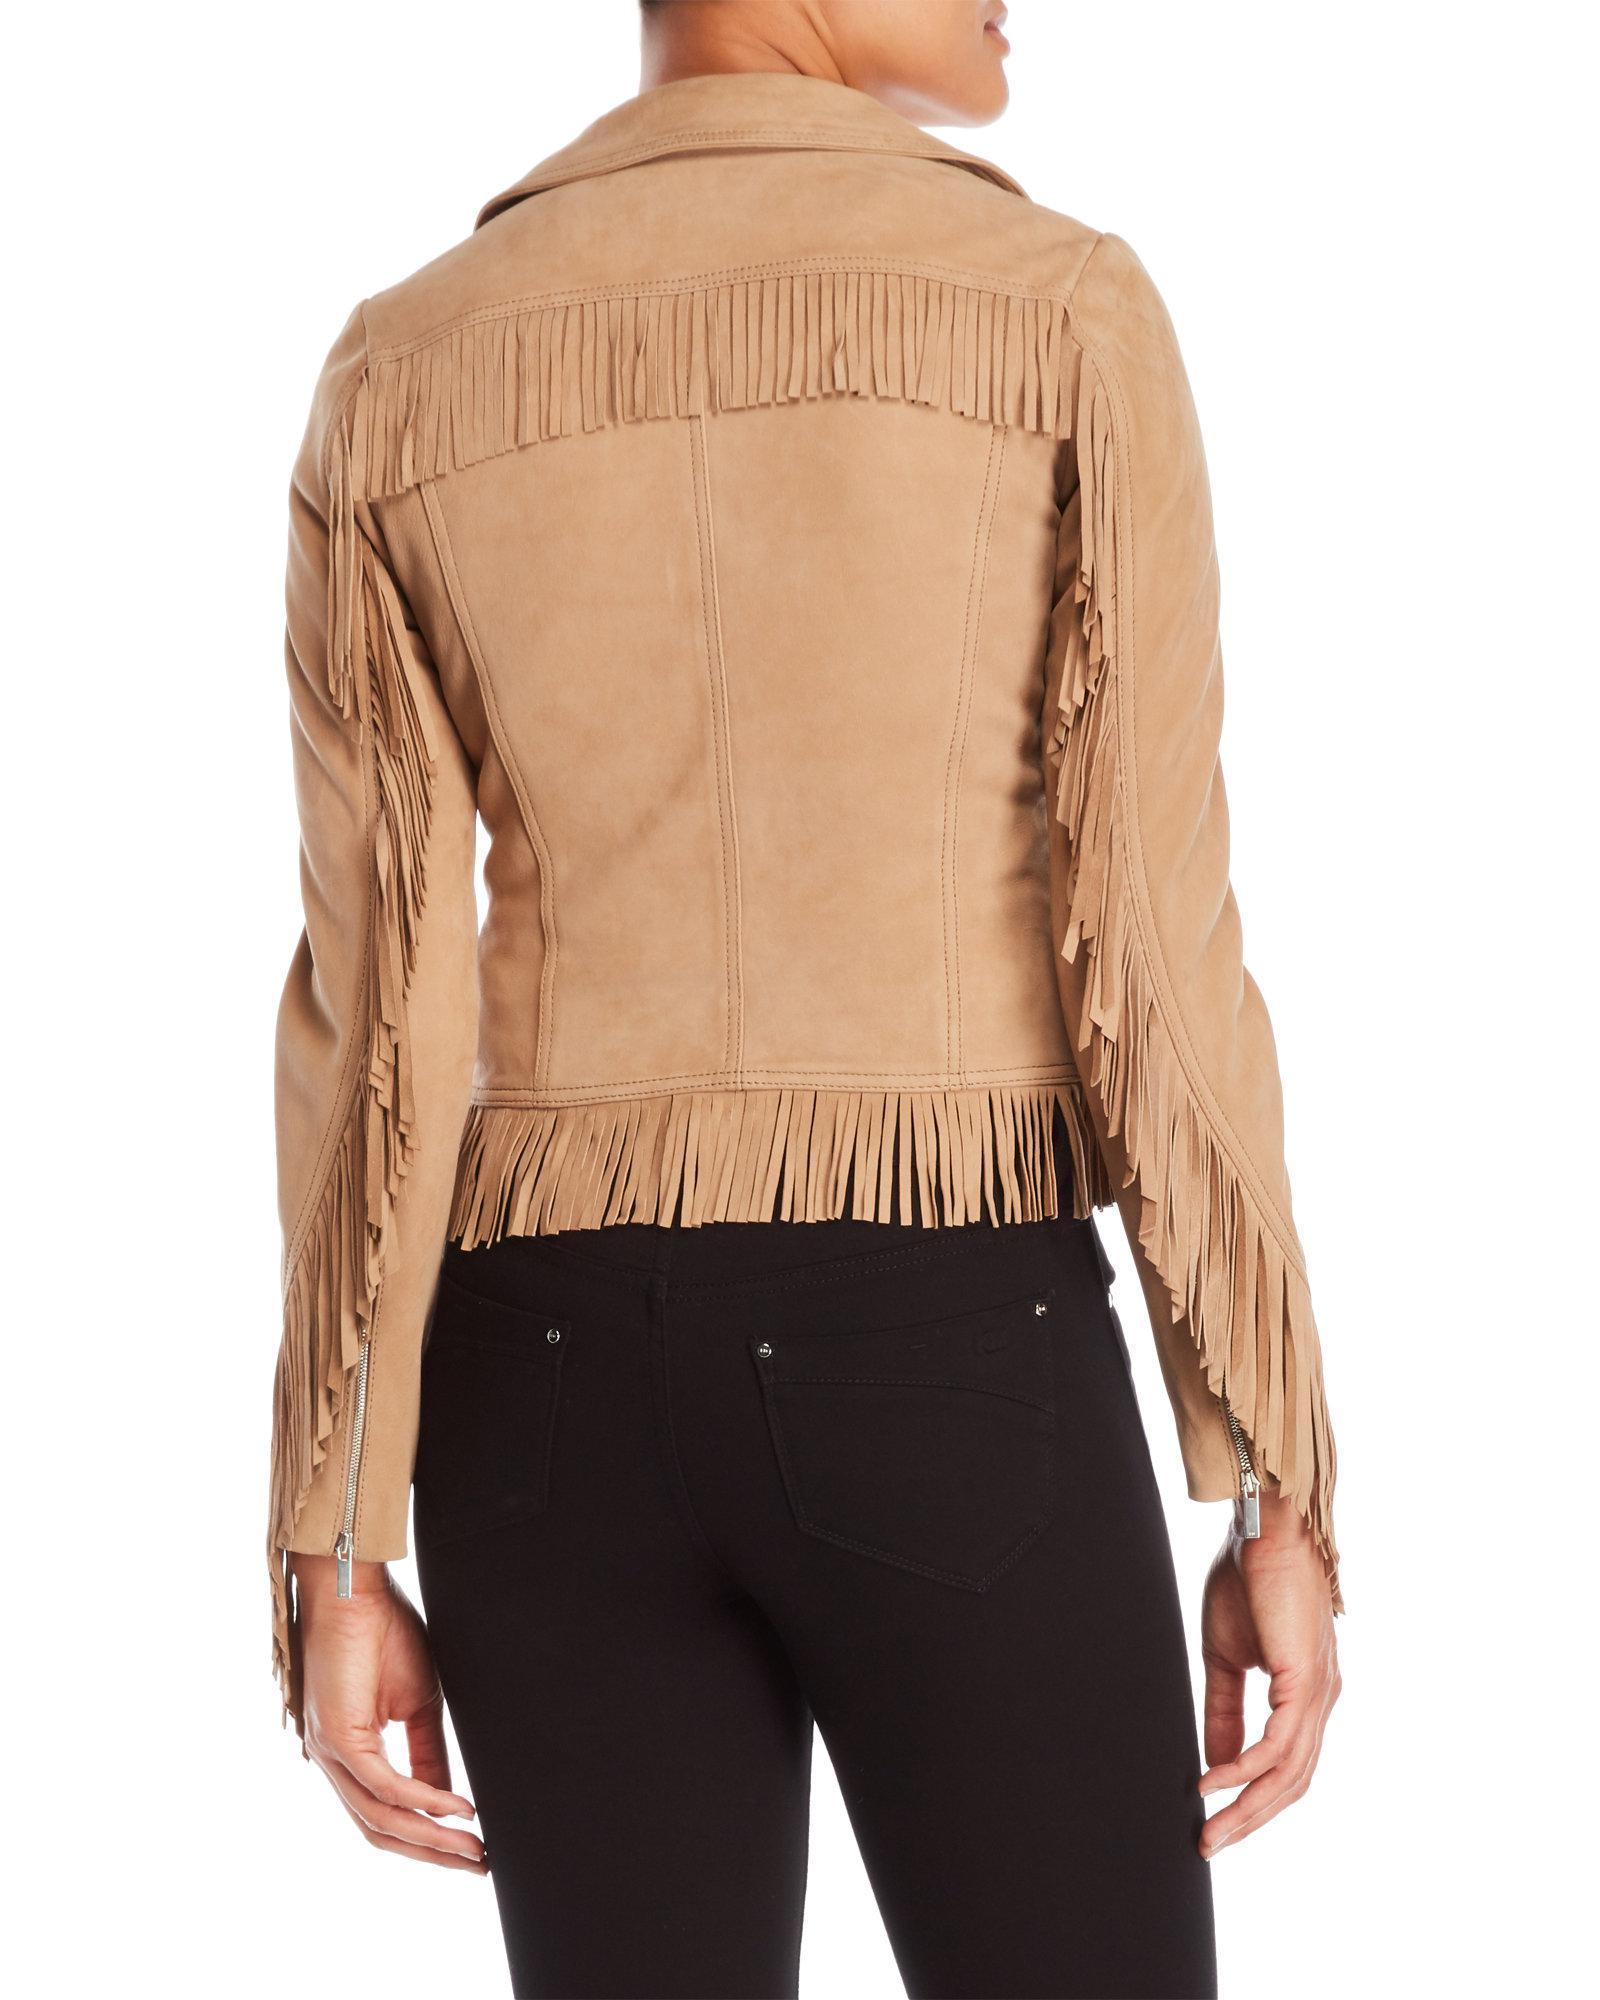 1305ad7b7945f Lyst - Karen Millen Fringe Leather Jacket in Black